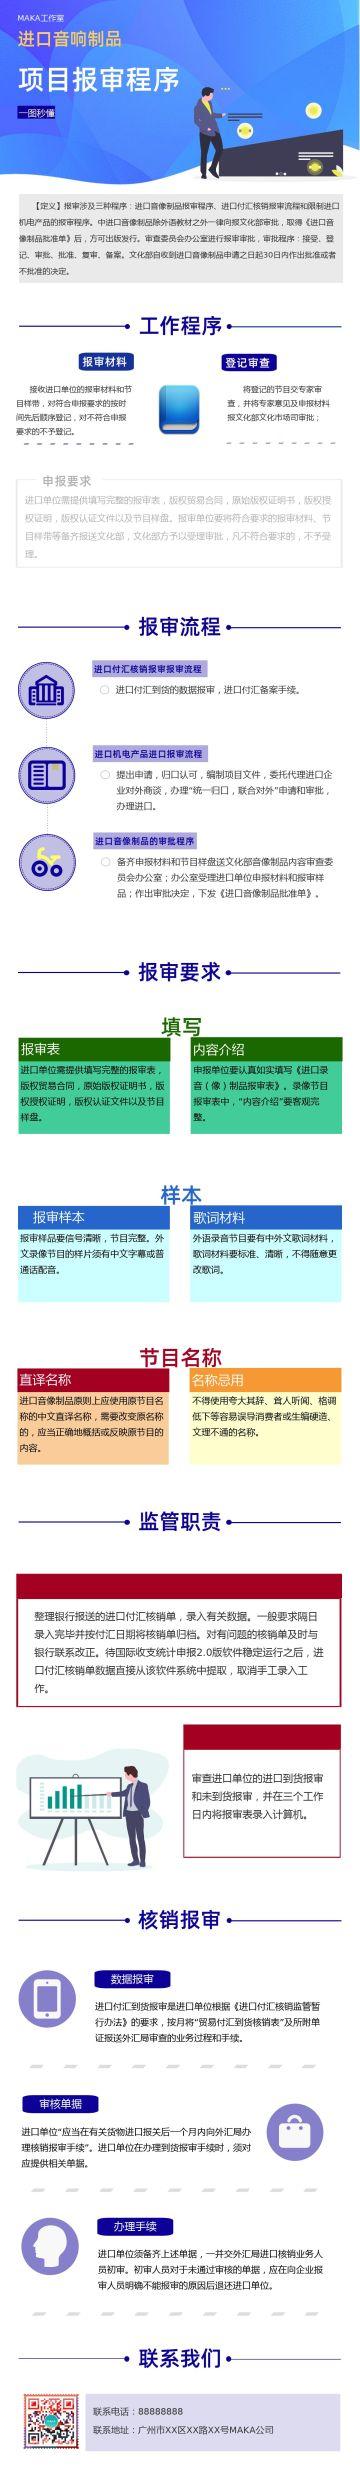 企业单位通用报审流程课程简讯介绍蓝紫色大气长图